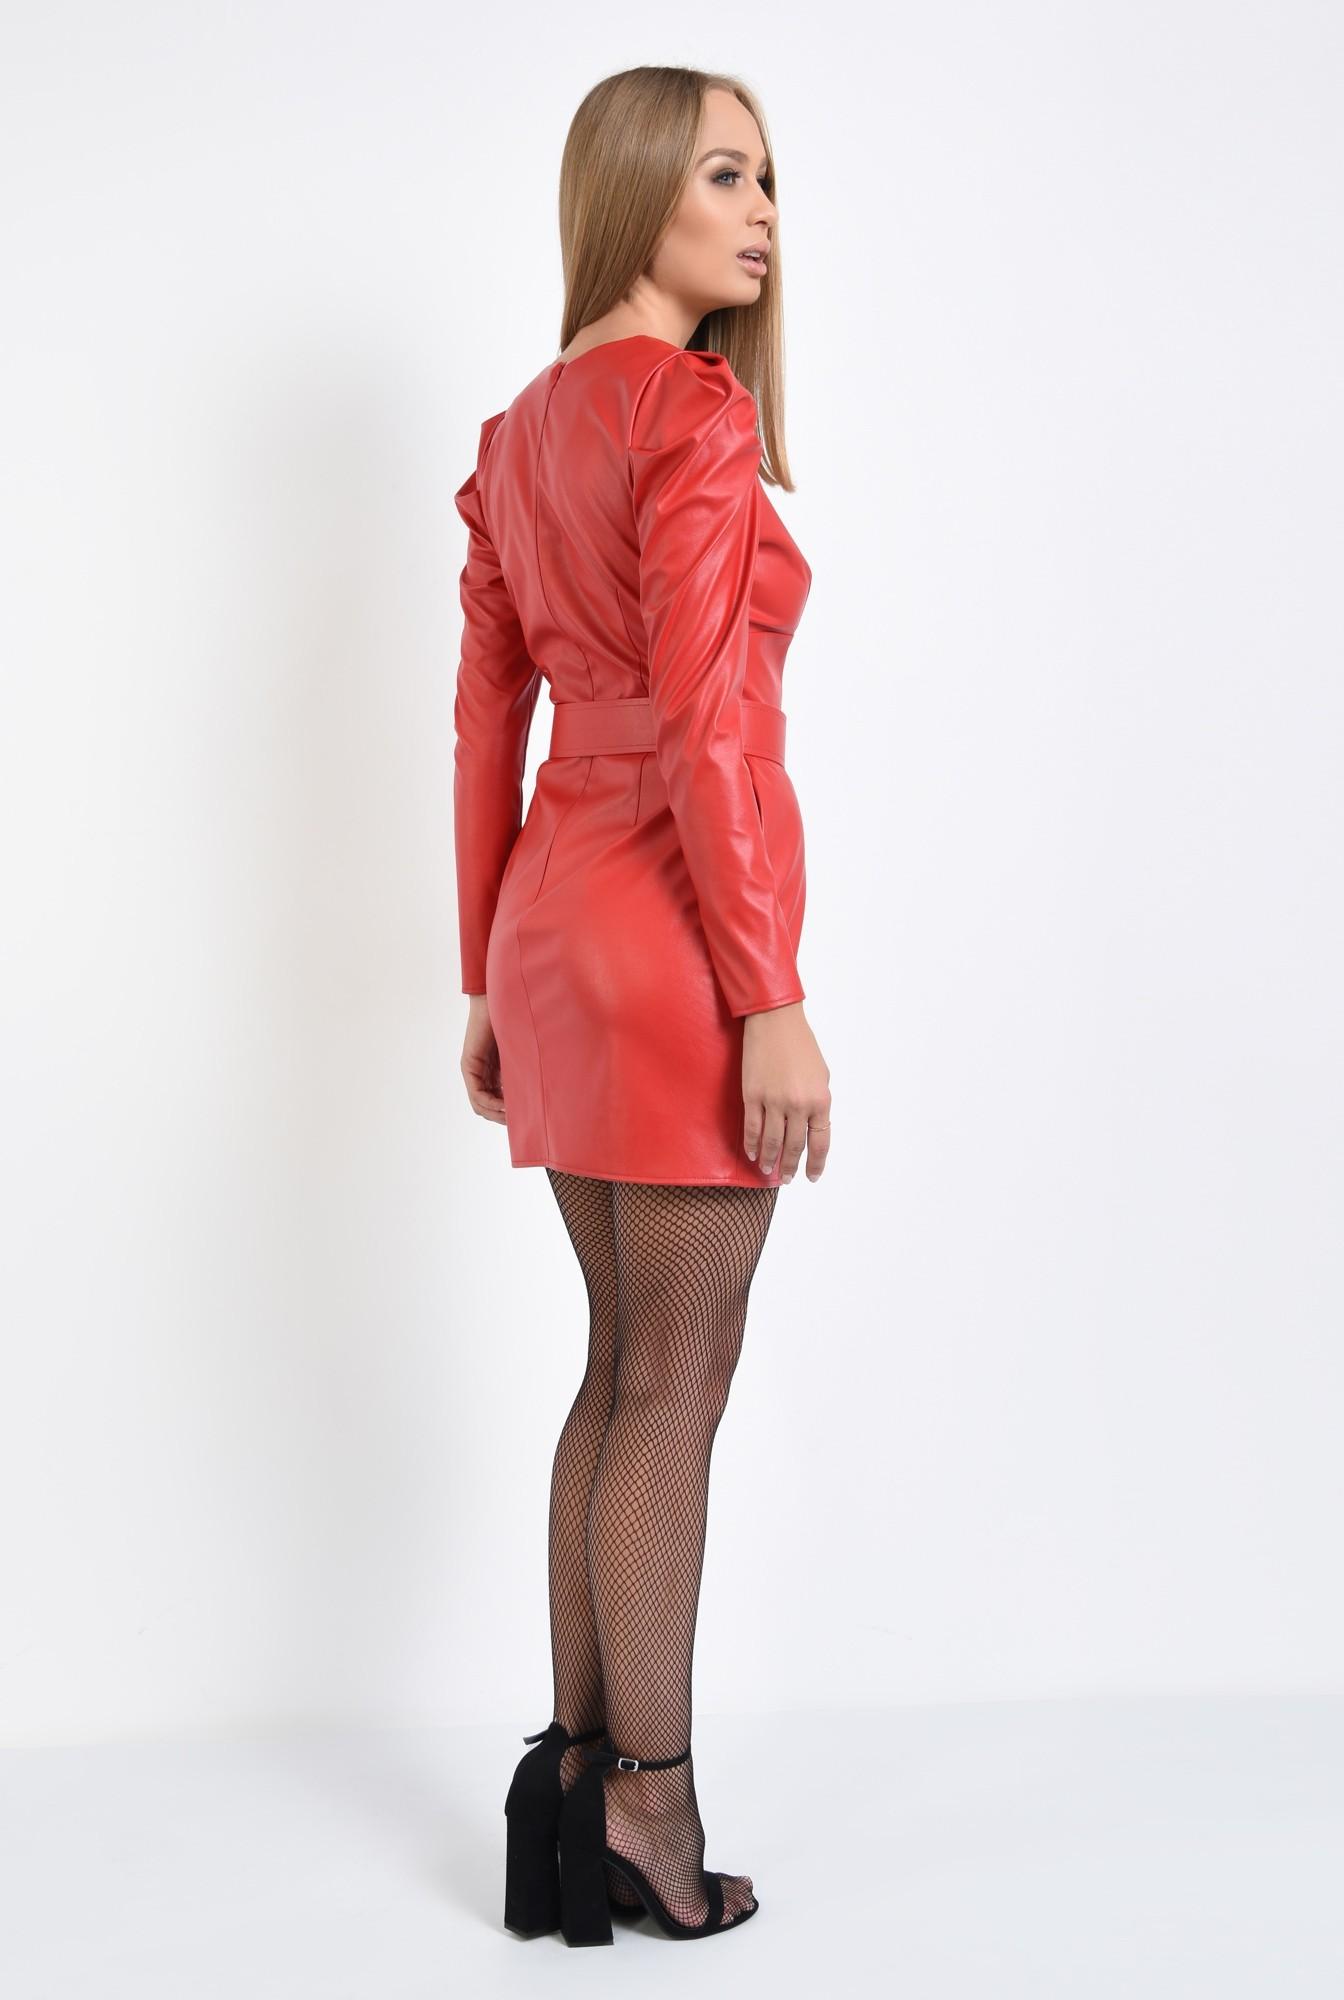 1 - rochie mini, rosie, anchior, cu centura